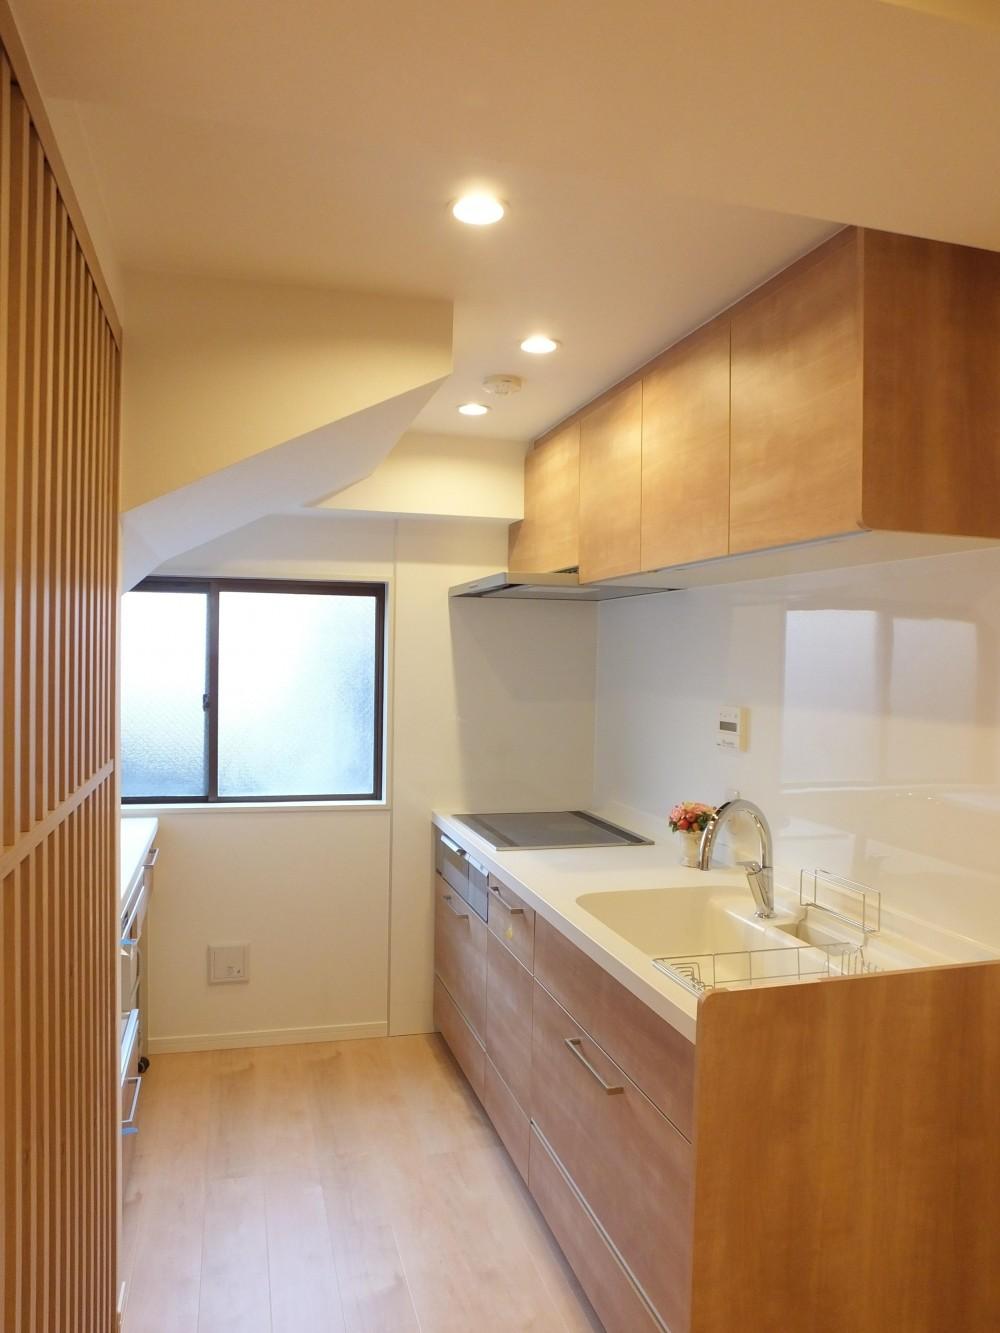 ホテルのような都会的でシンプルな内装を我が家に。 (柔らかな光の中のキッチン)